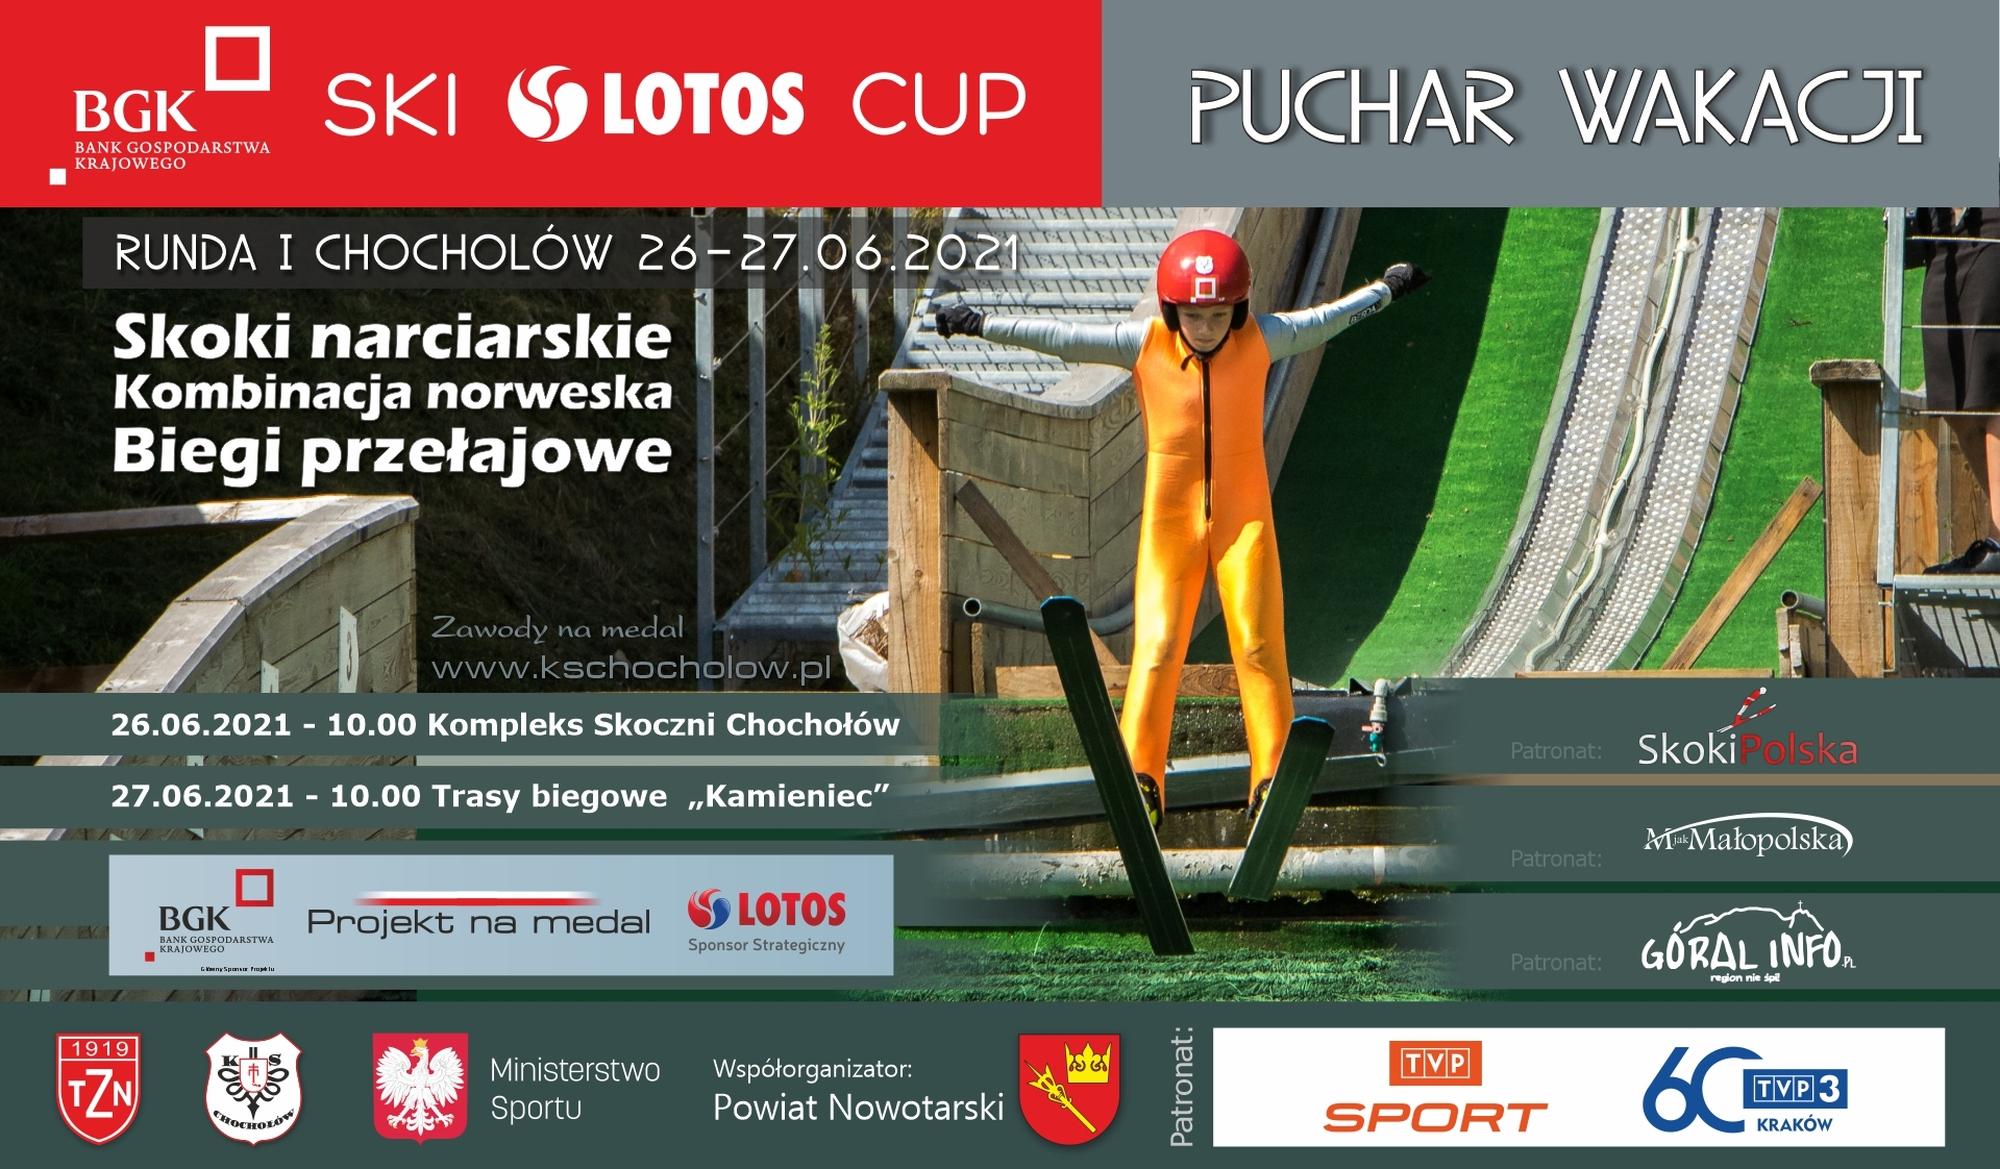 Puchar Wakacji Chocholow1 2021 plakat - Puchar Wakacji w Chochołowie już w najbliższy weekend. Najmłodsi wracają do gry!